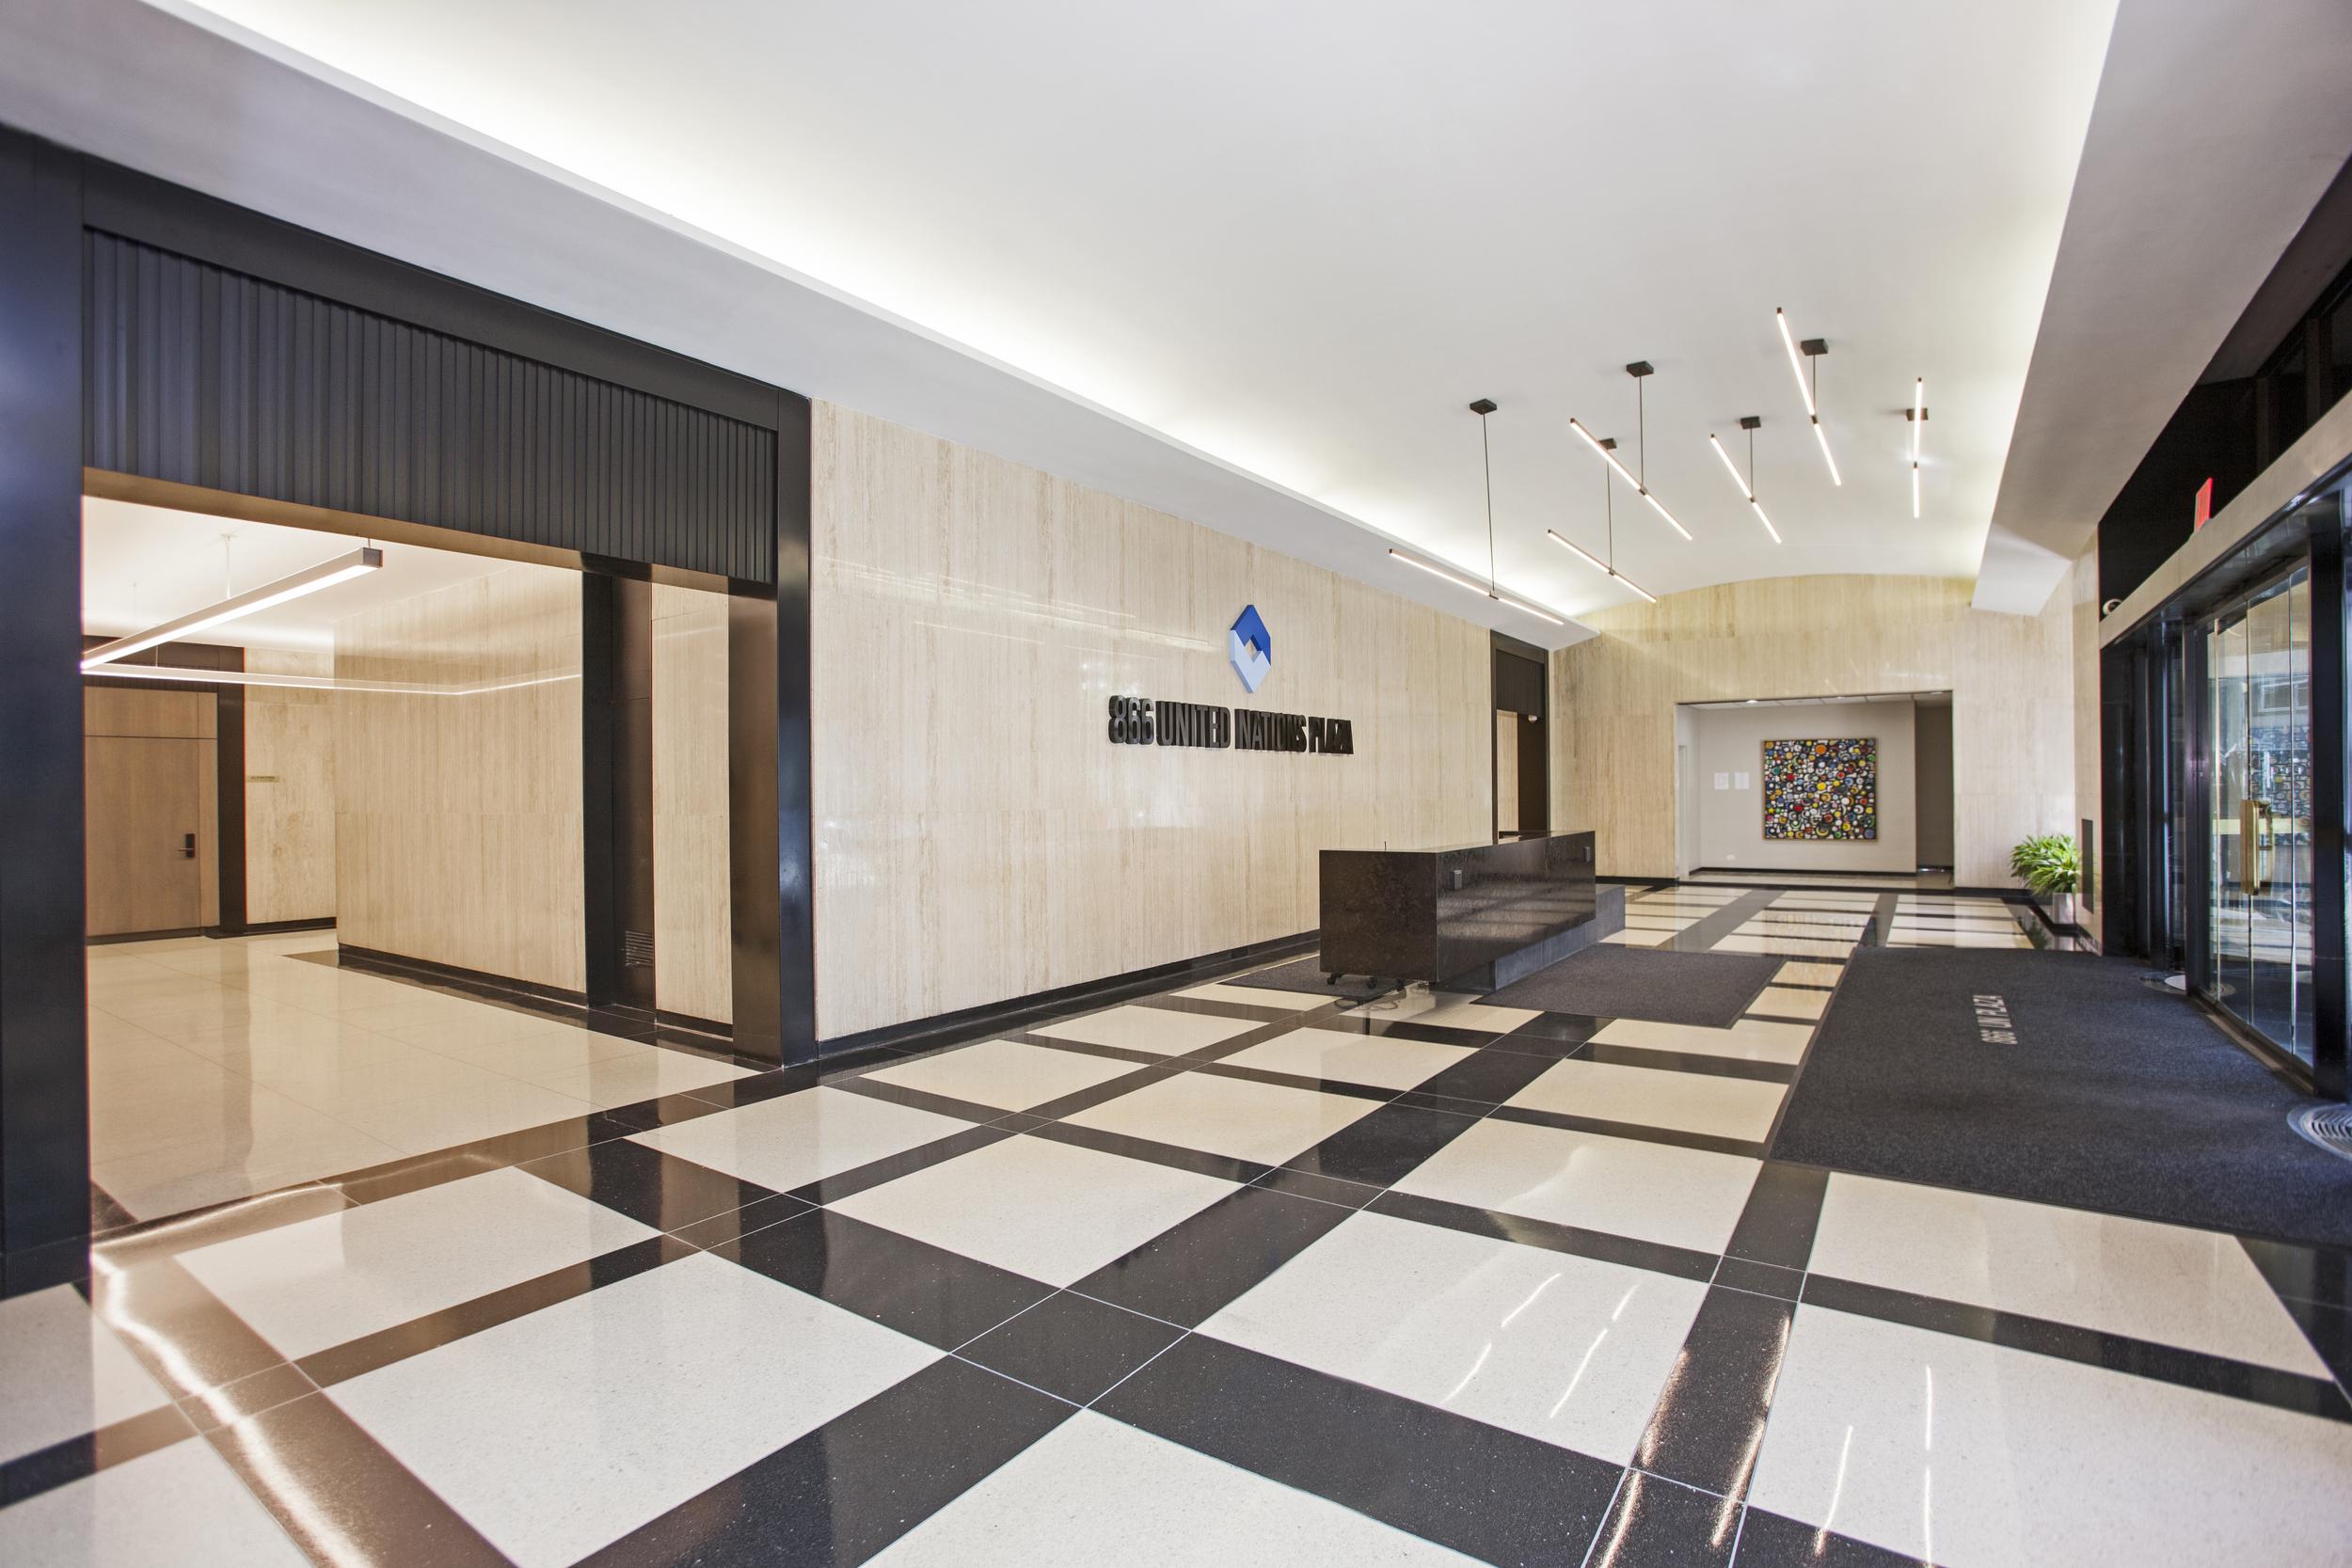 866-lobby.jpg